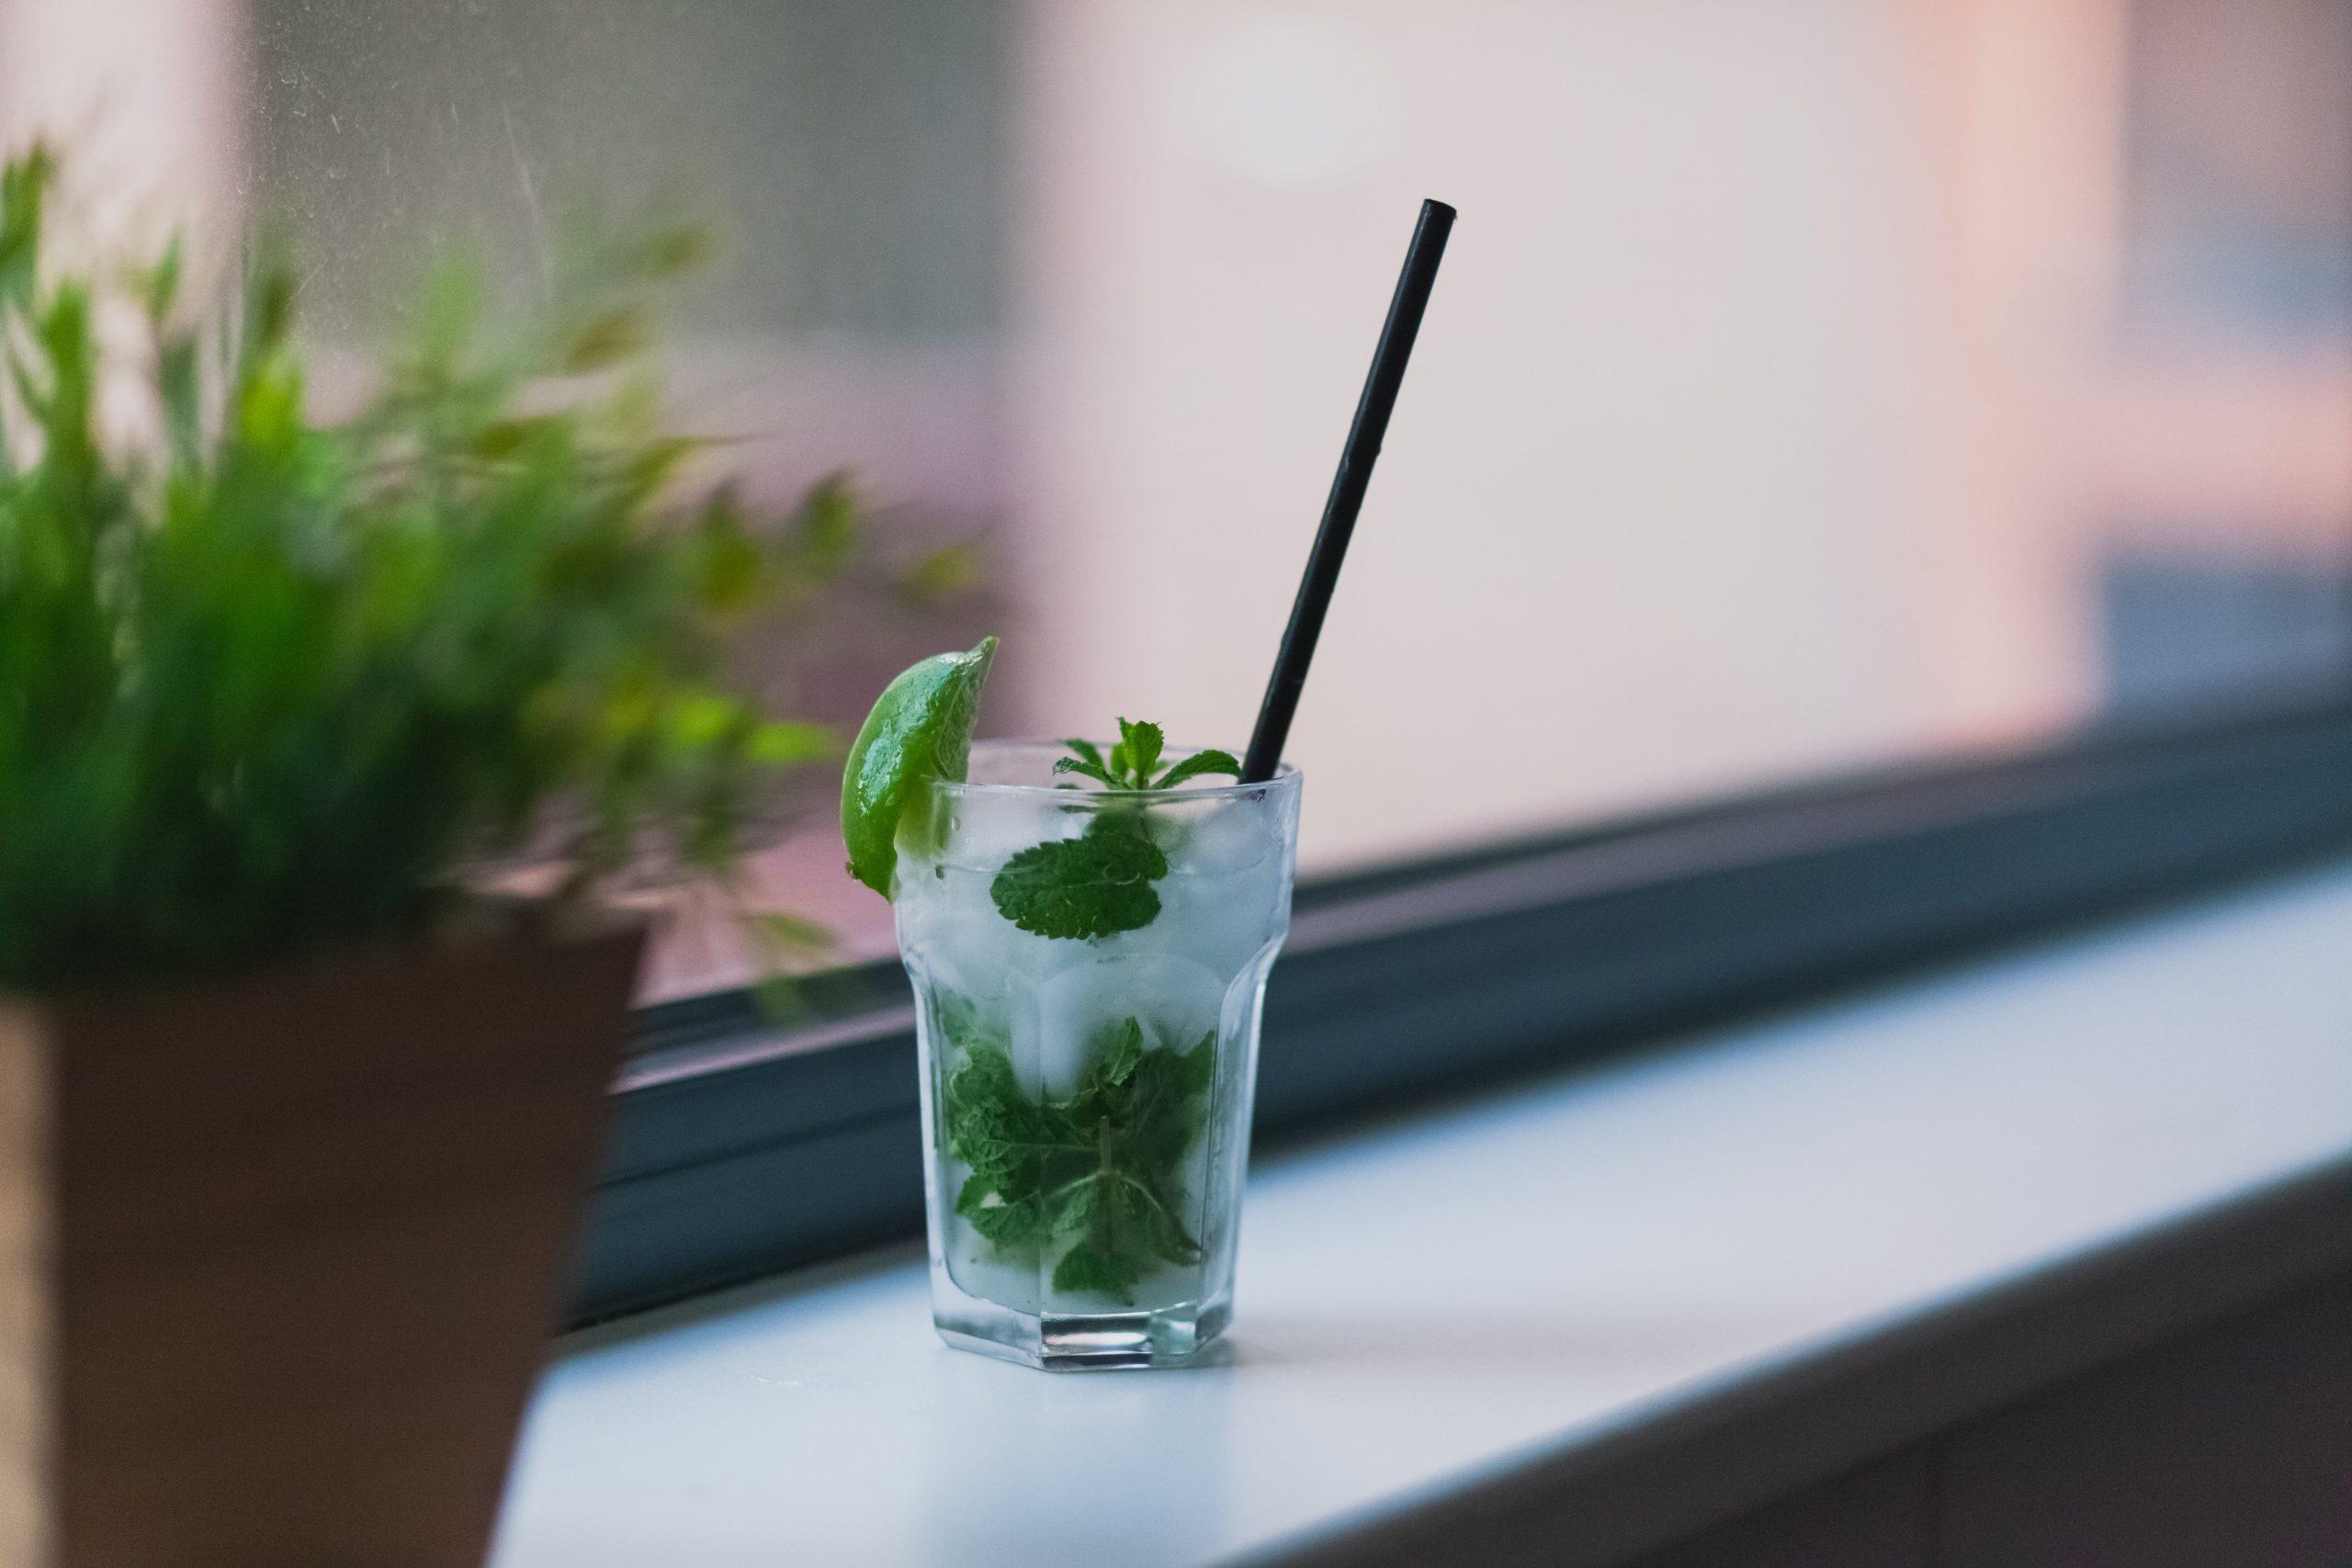 Mini verre mojito sans alcool du traiteur Goodee SQY à Voisins le Bretonneux